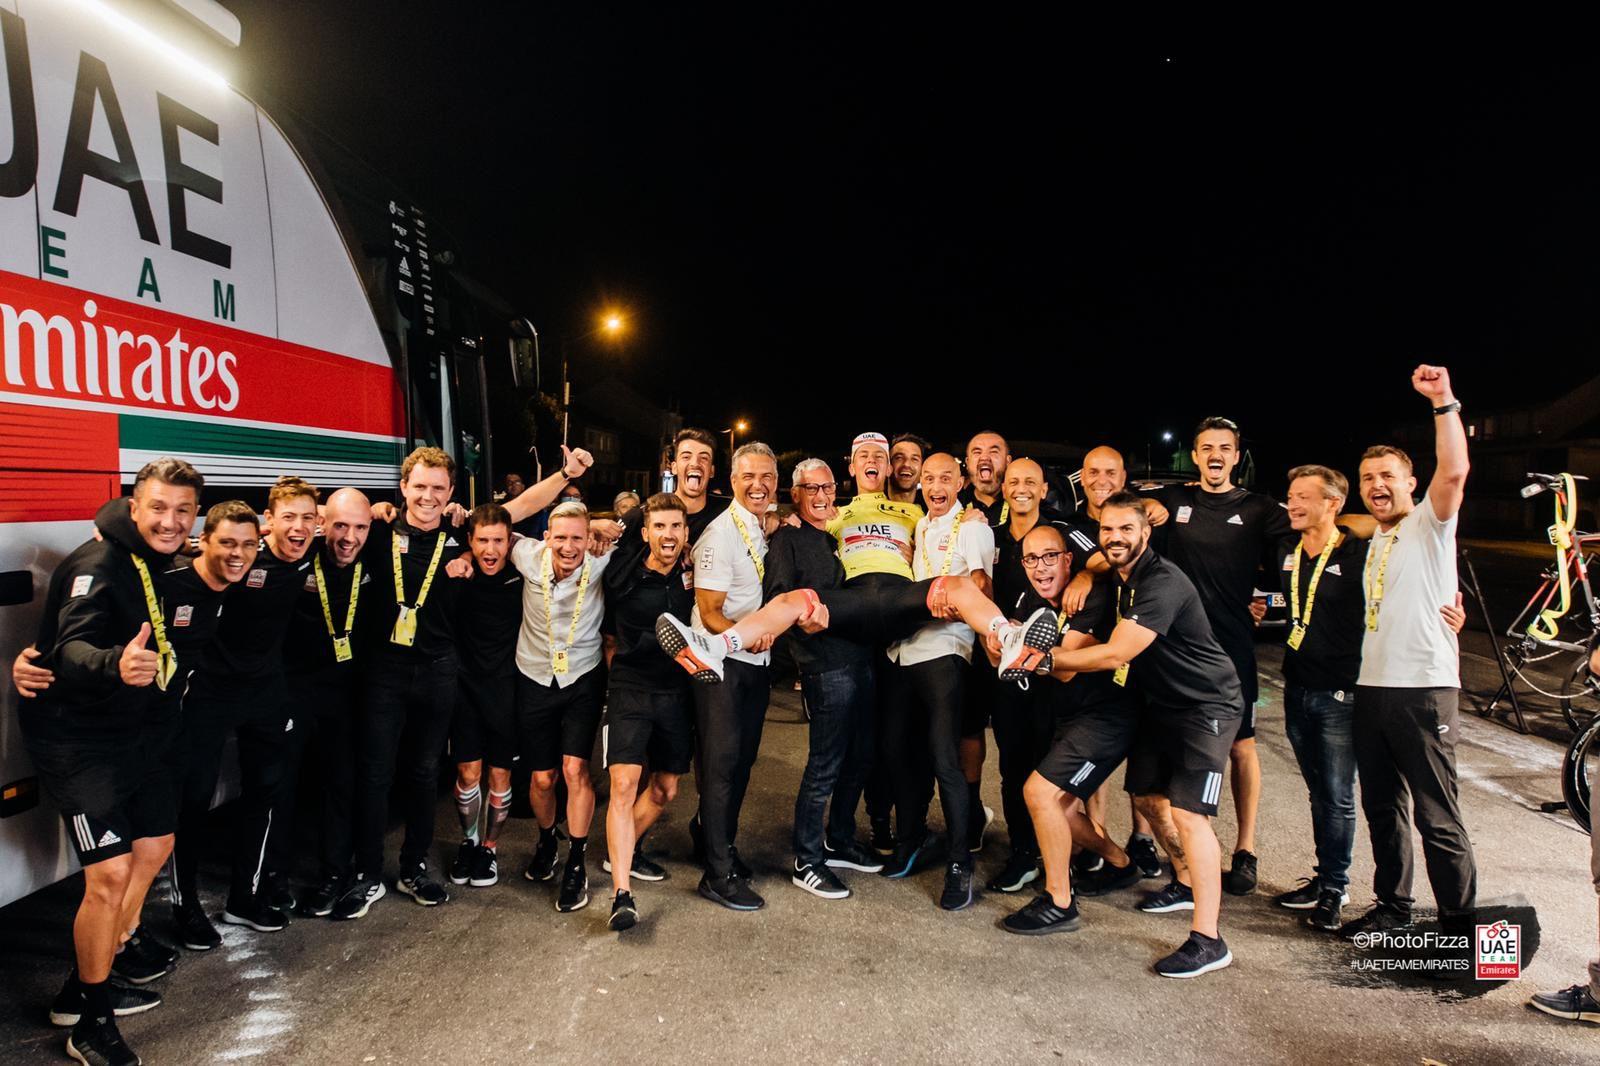 2020 Tour de France Winner Tadej Pogacar and team